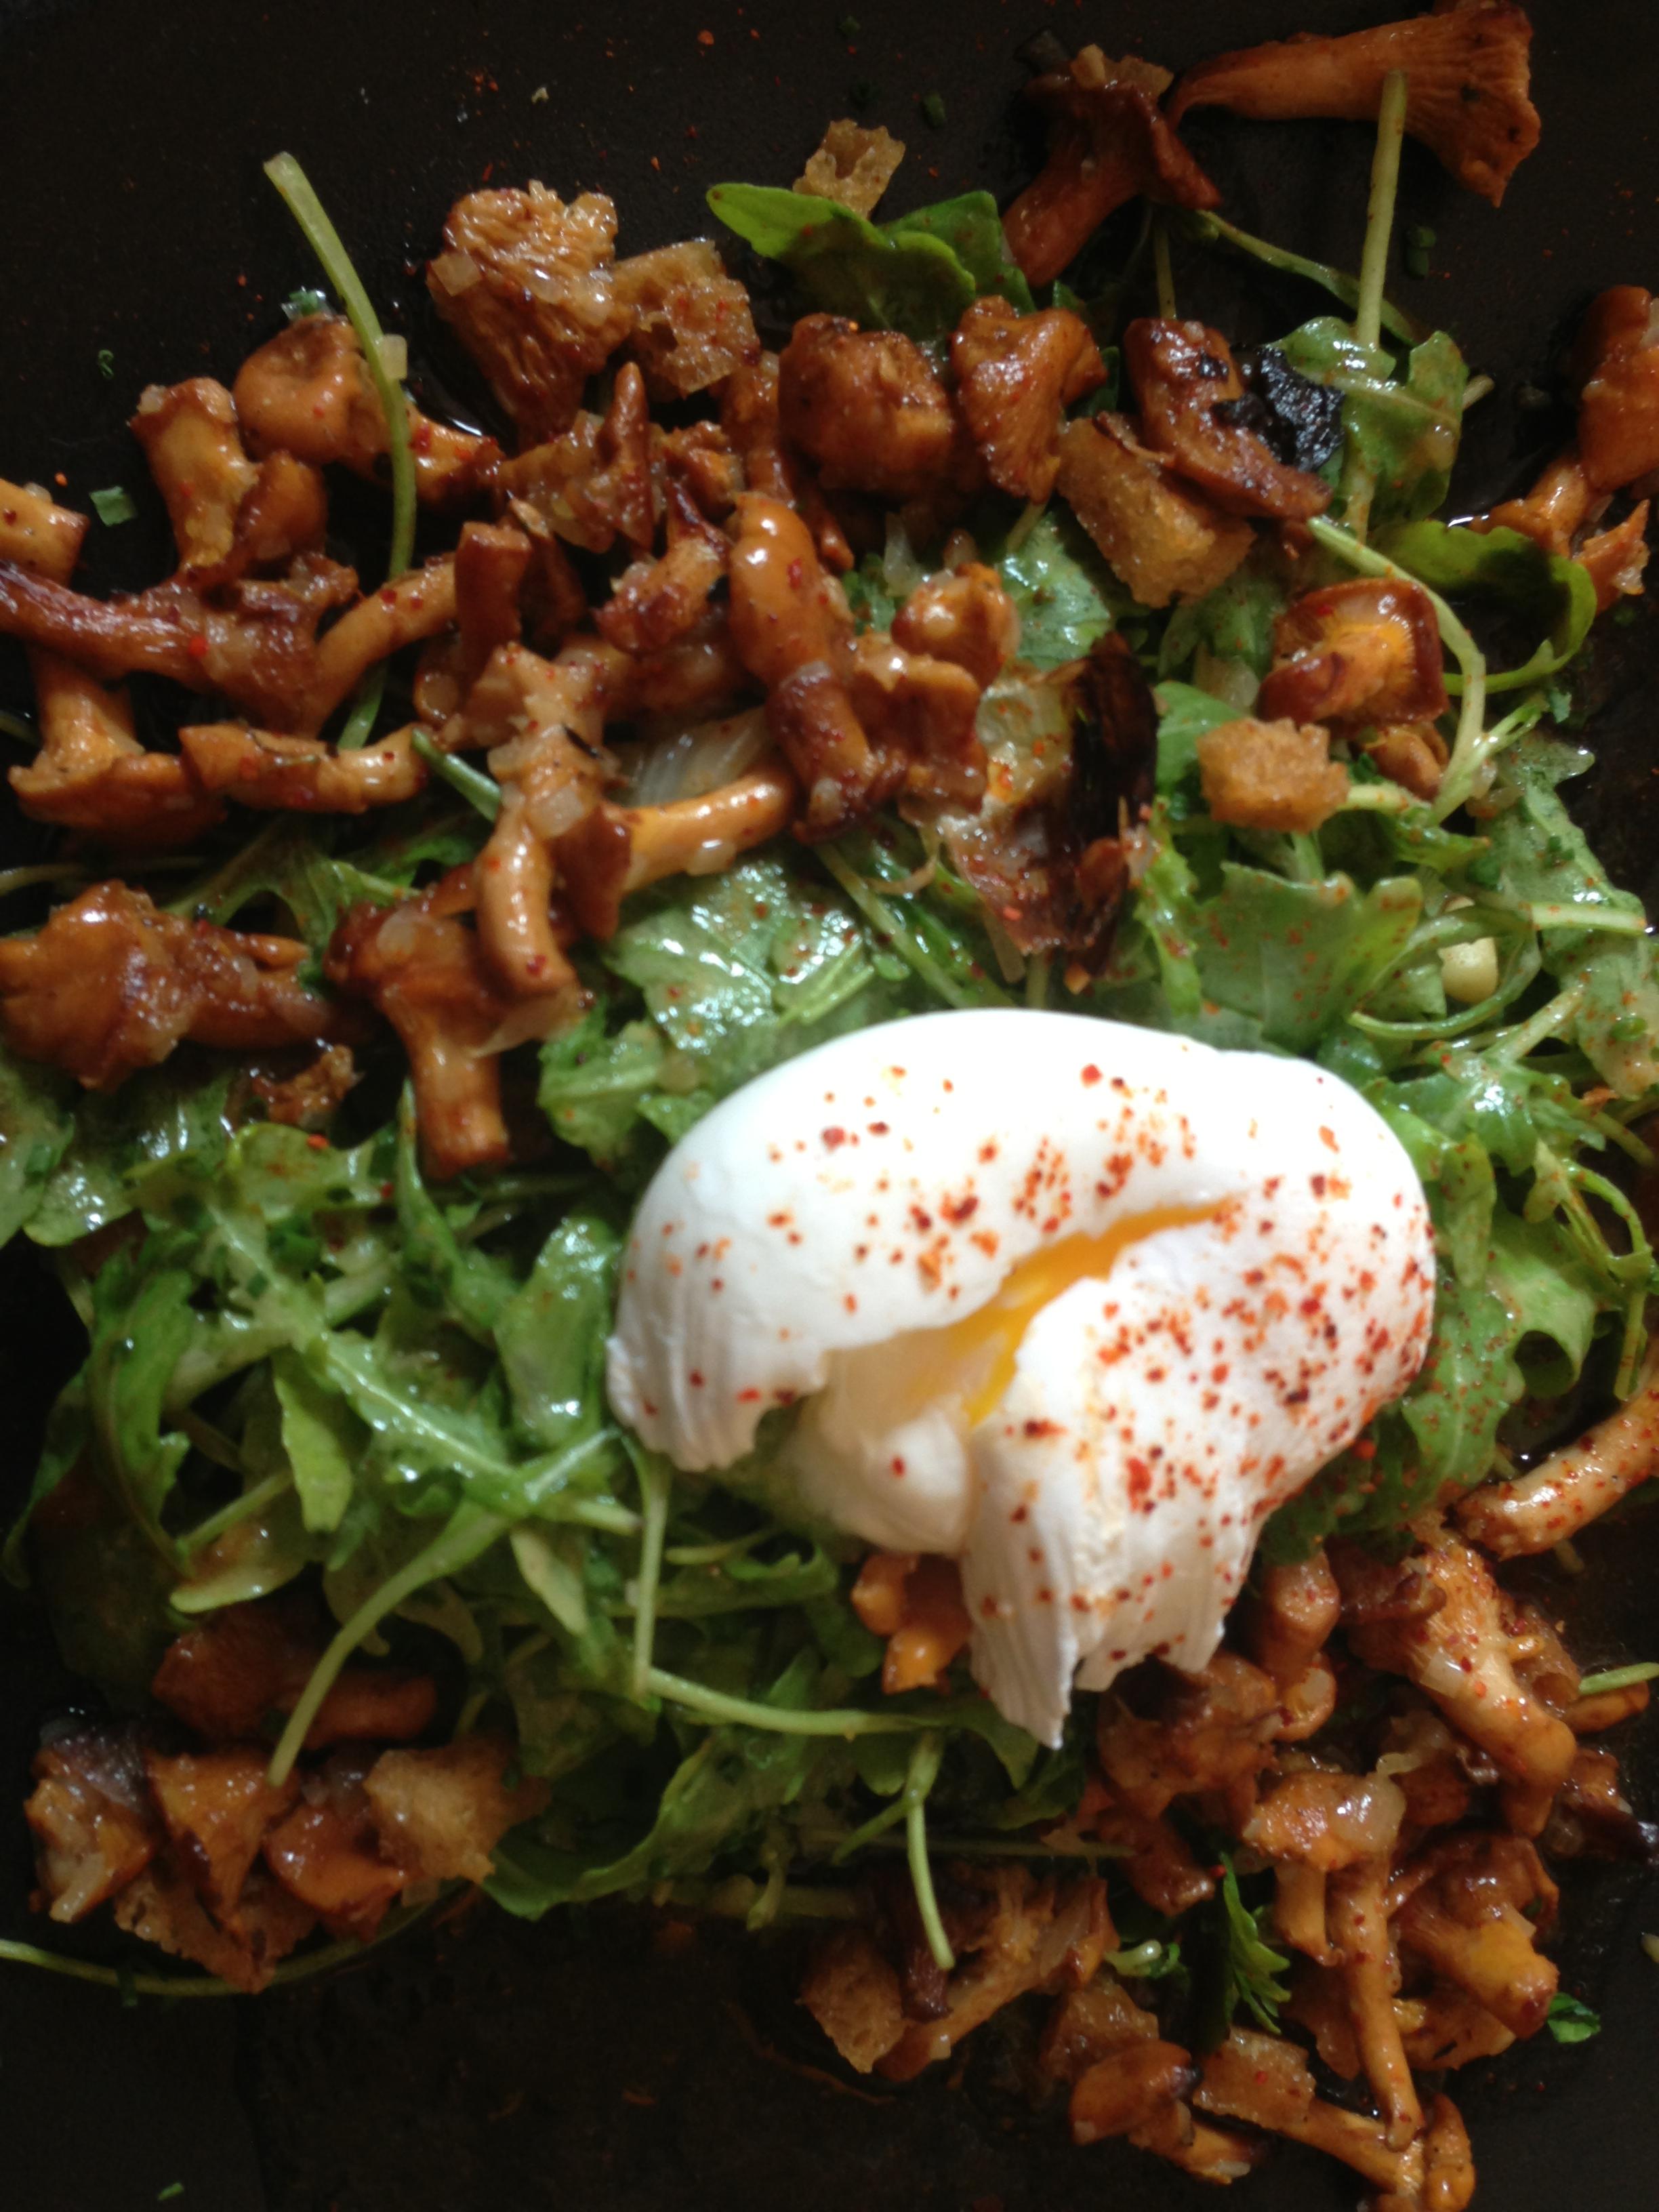 Poêlée de girolles en salade © DC